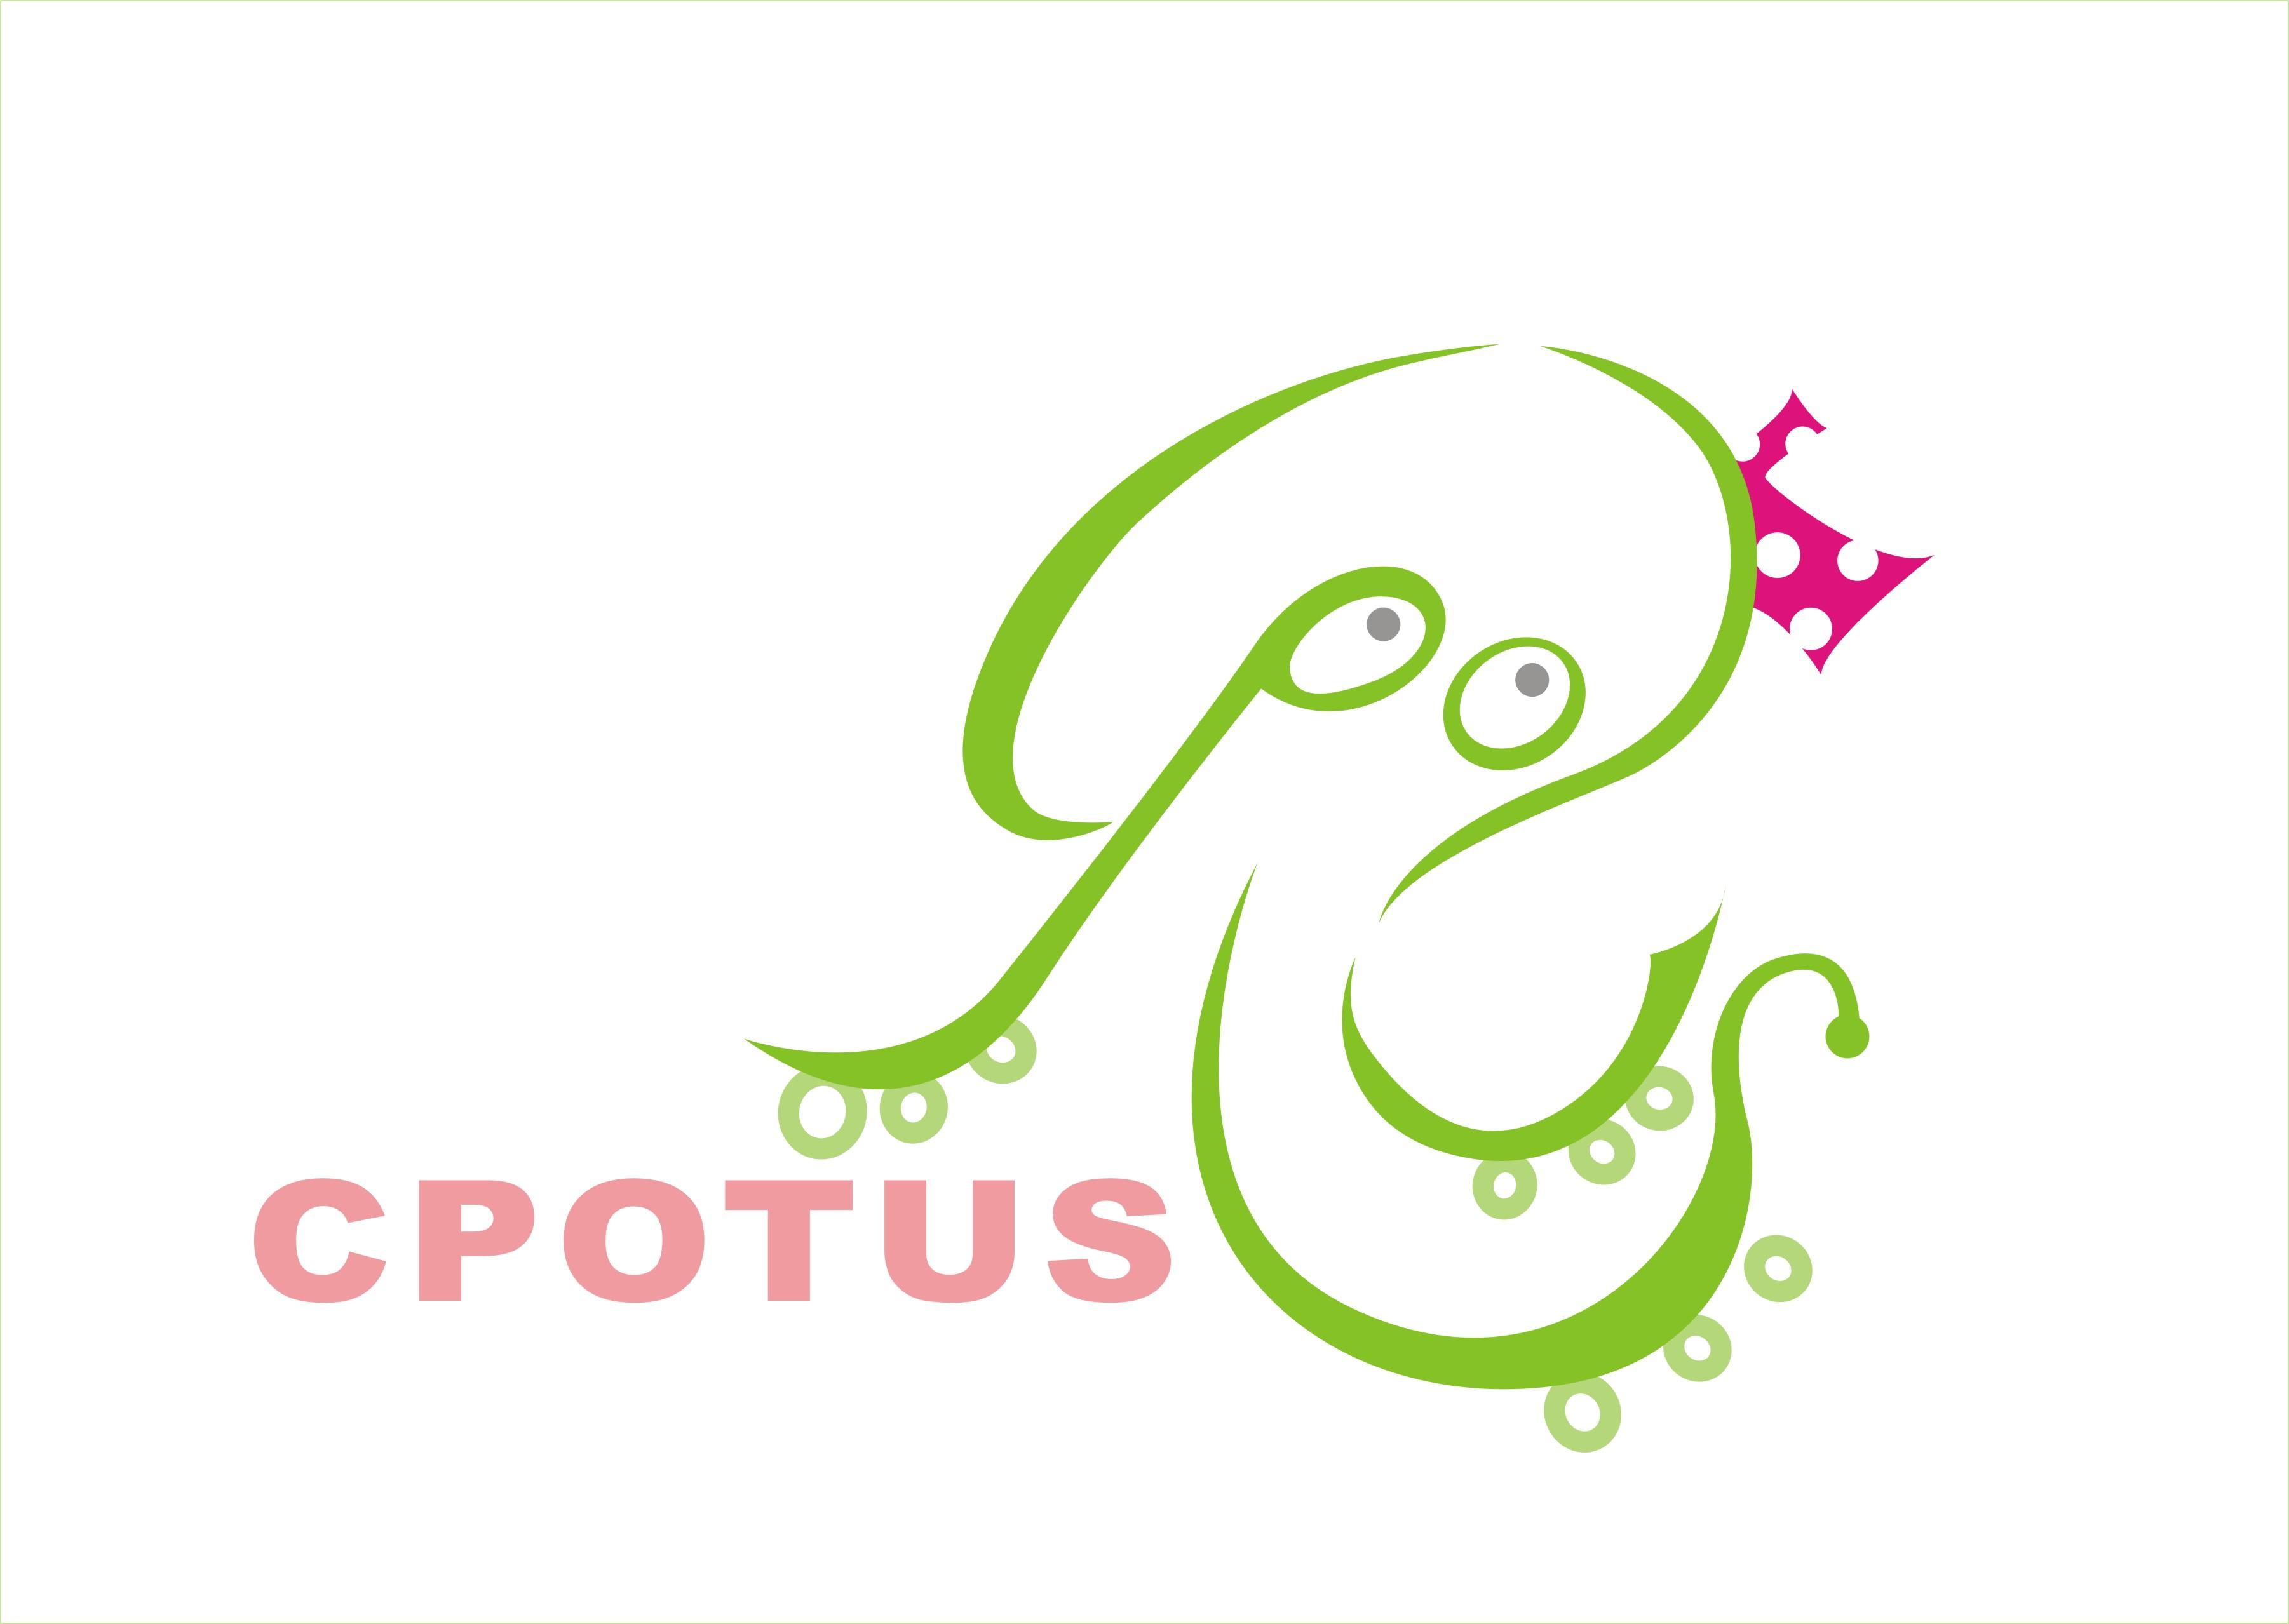 八爪鱼卡通形象logo设计(需原创)